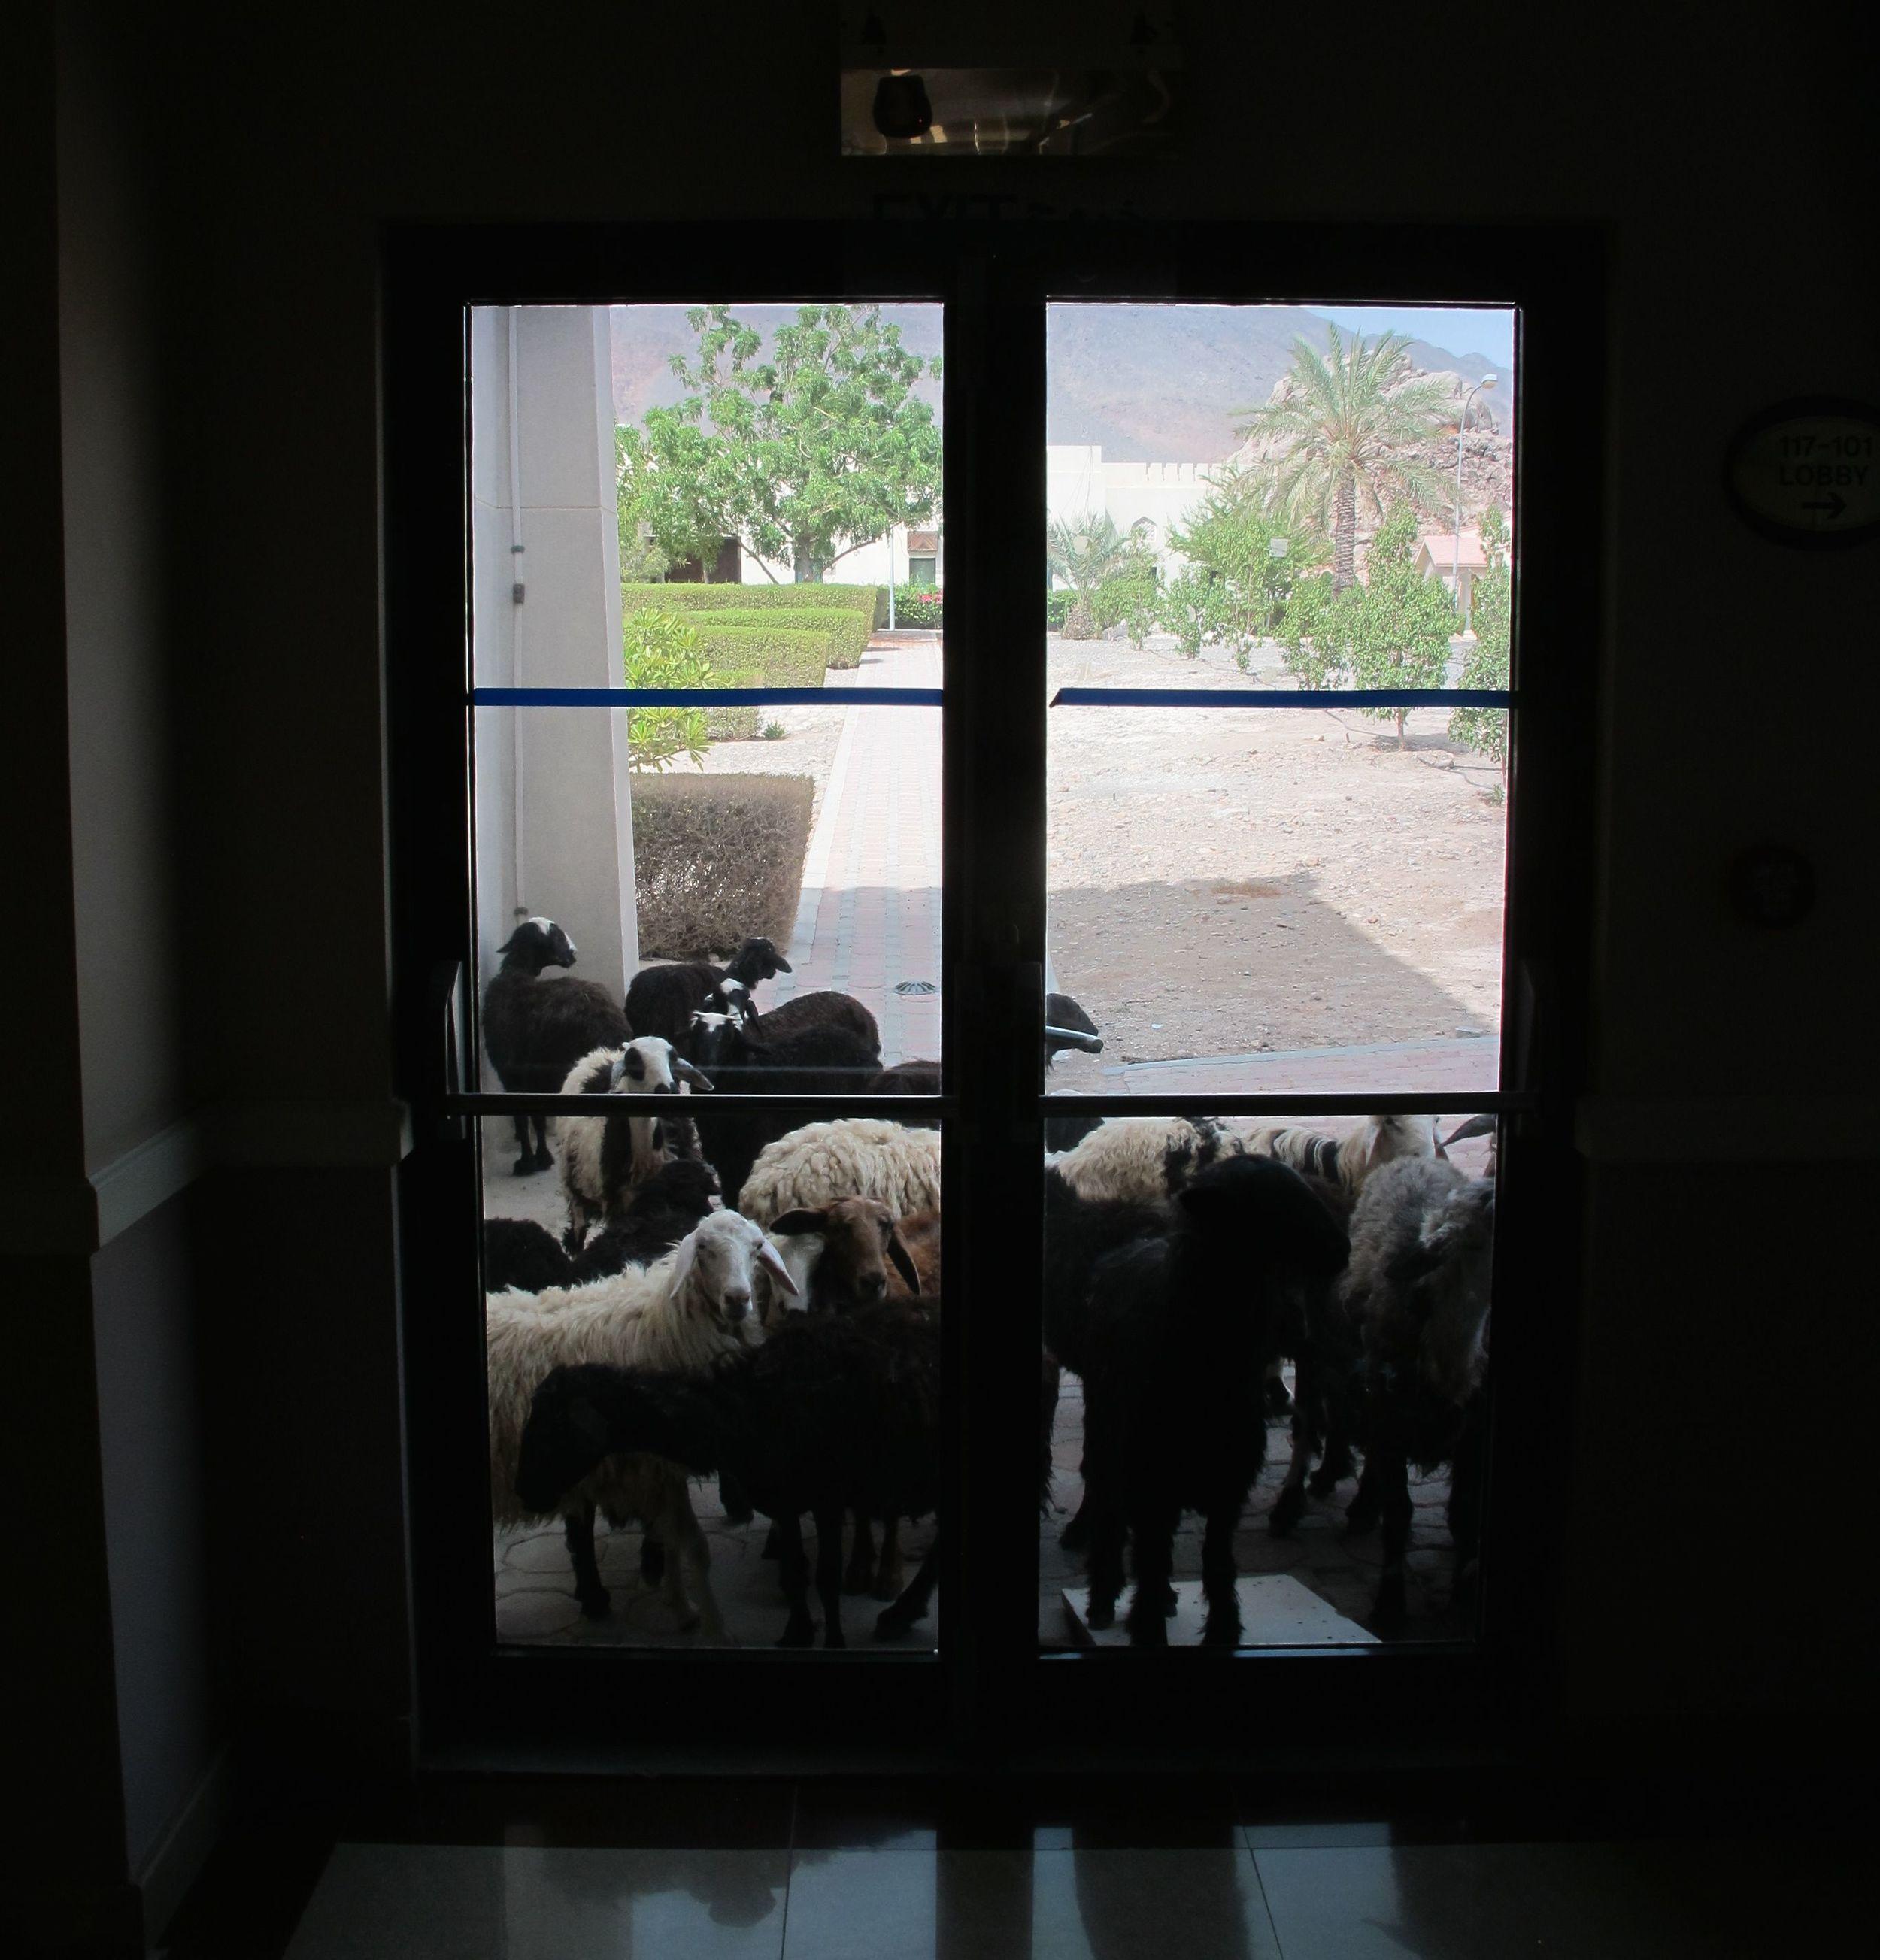 Hotel goats